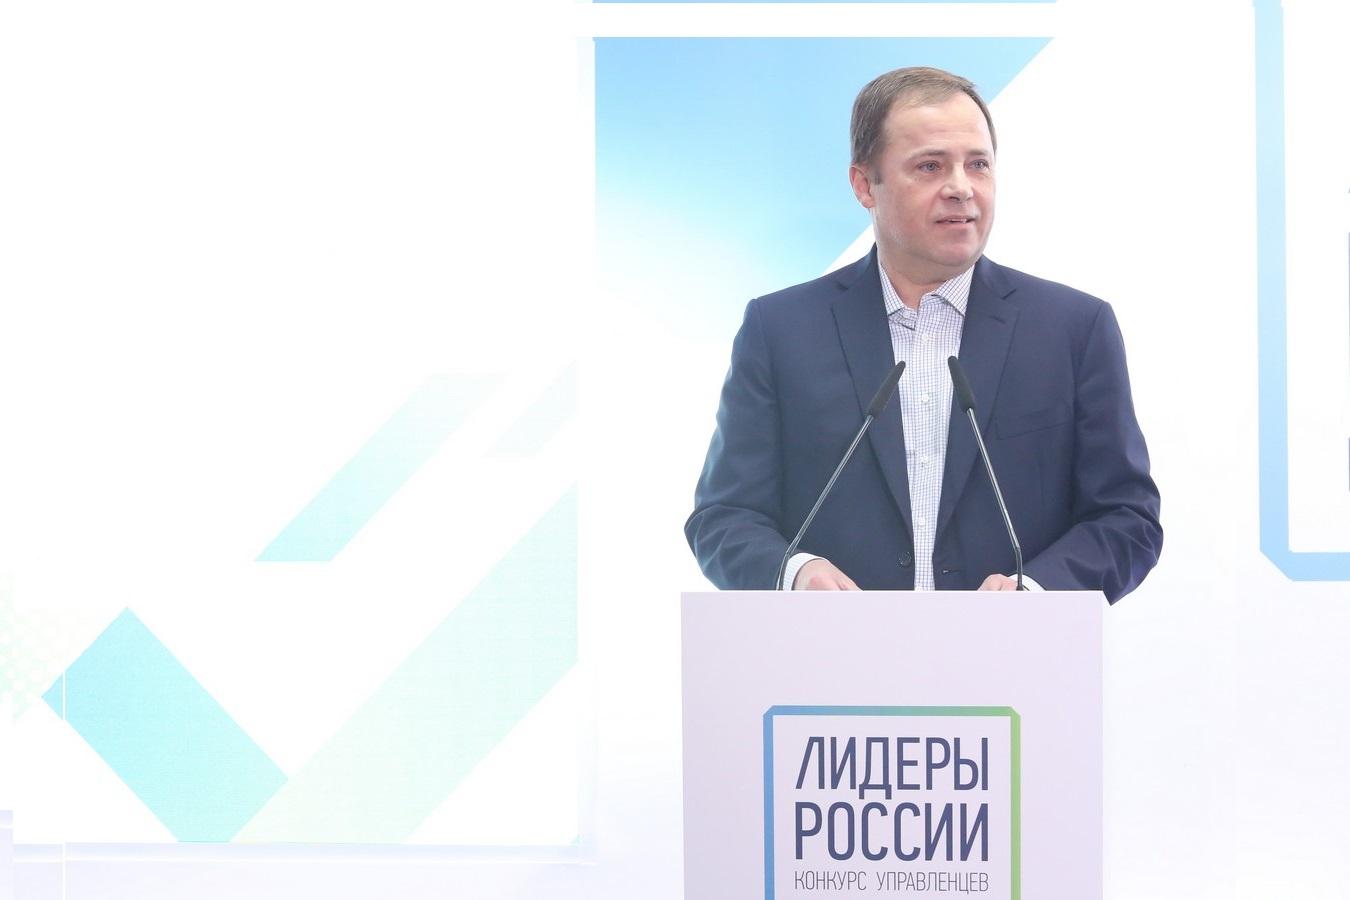 В Нижнем Новгороде Игорь Комаров дал старт полуфиналу окружного конкурса «Лидеры России».